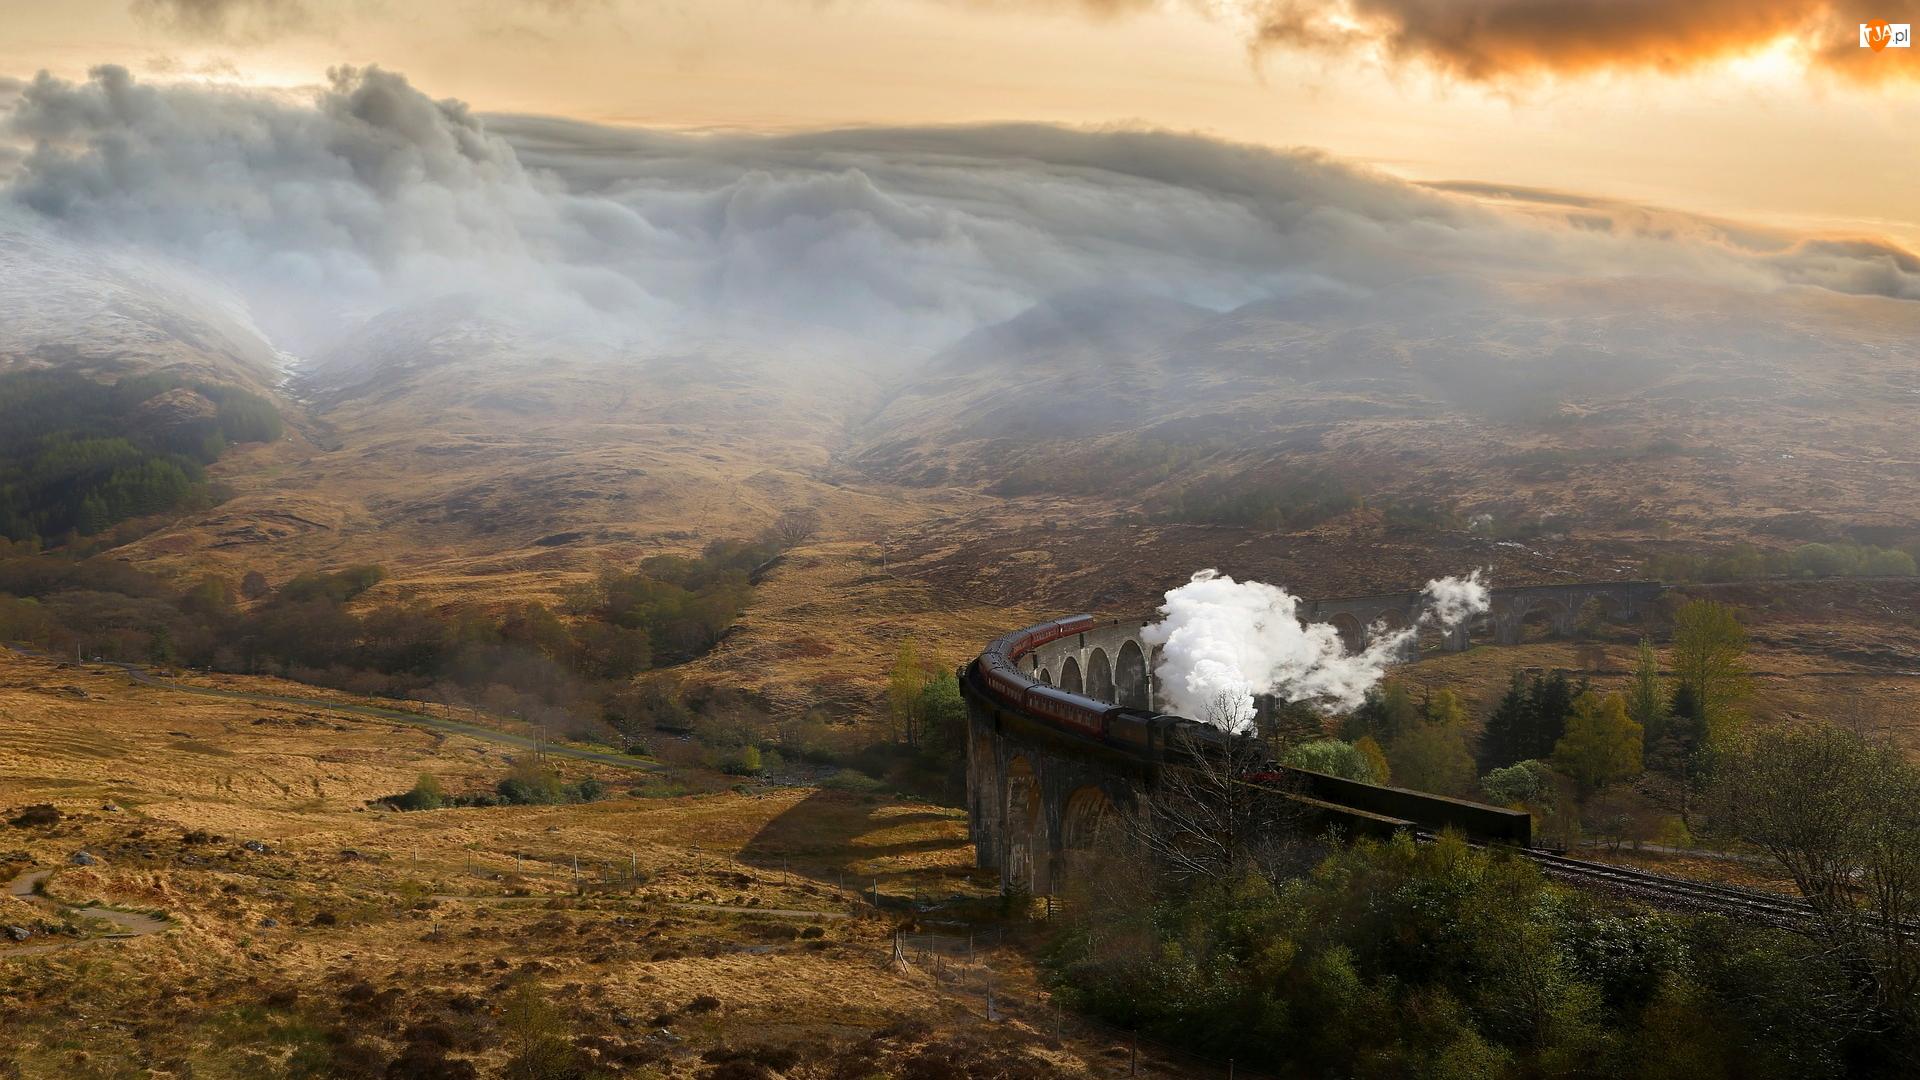 Pociąg parowy, Tory, Chmury, Szkocja, Wzgórza, Wiadukt Glenfinnan, Most